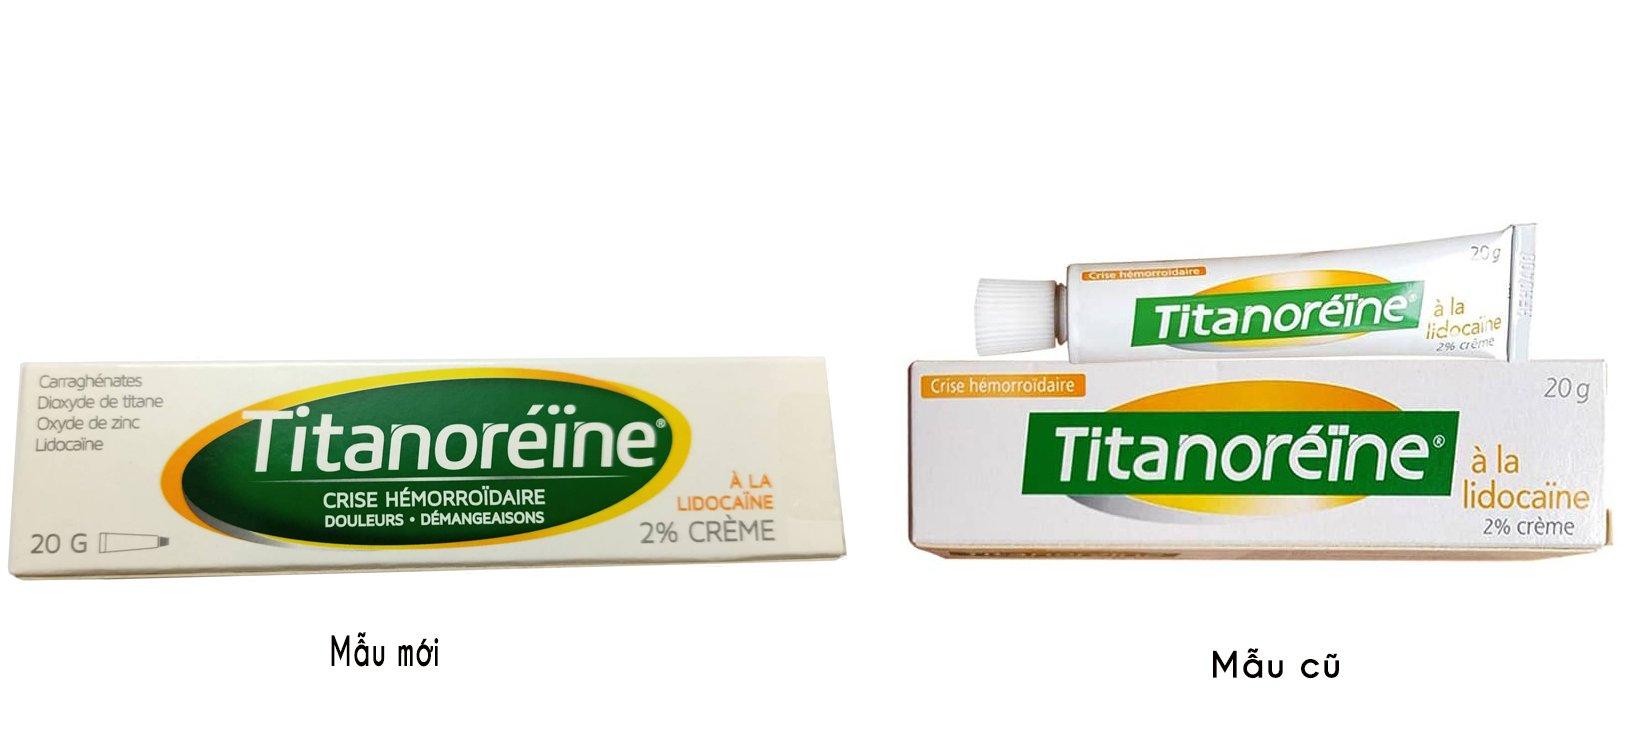 Kem Titanoreine 20g chính hãng từ Pháp